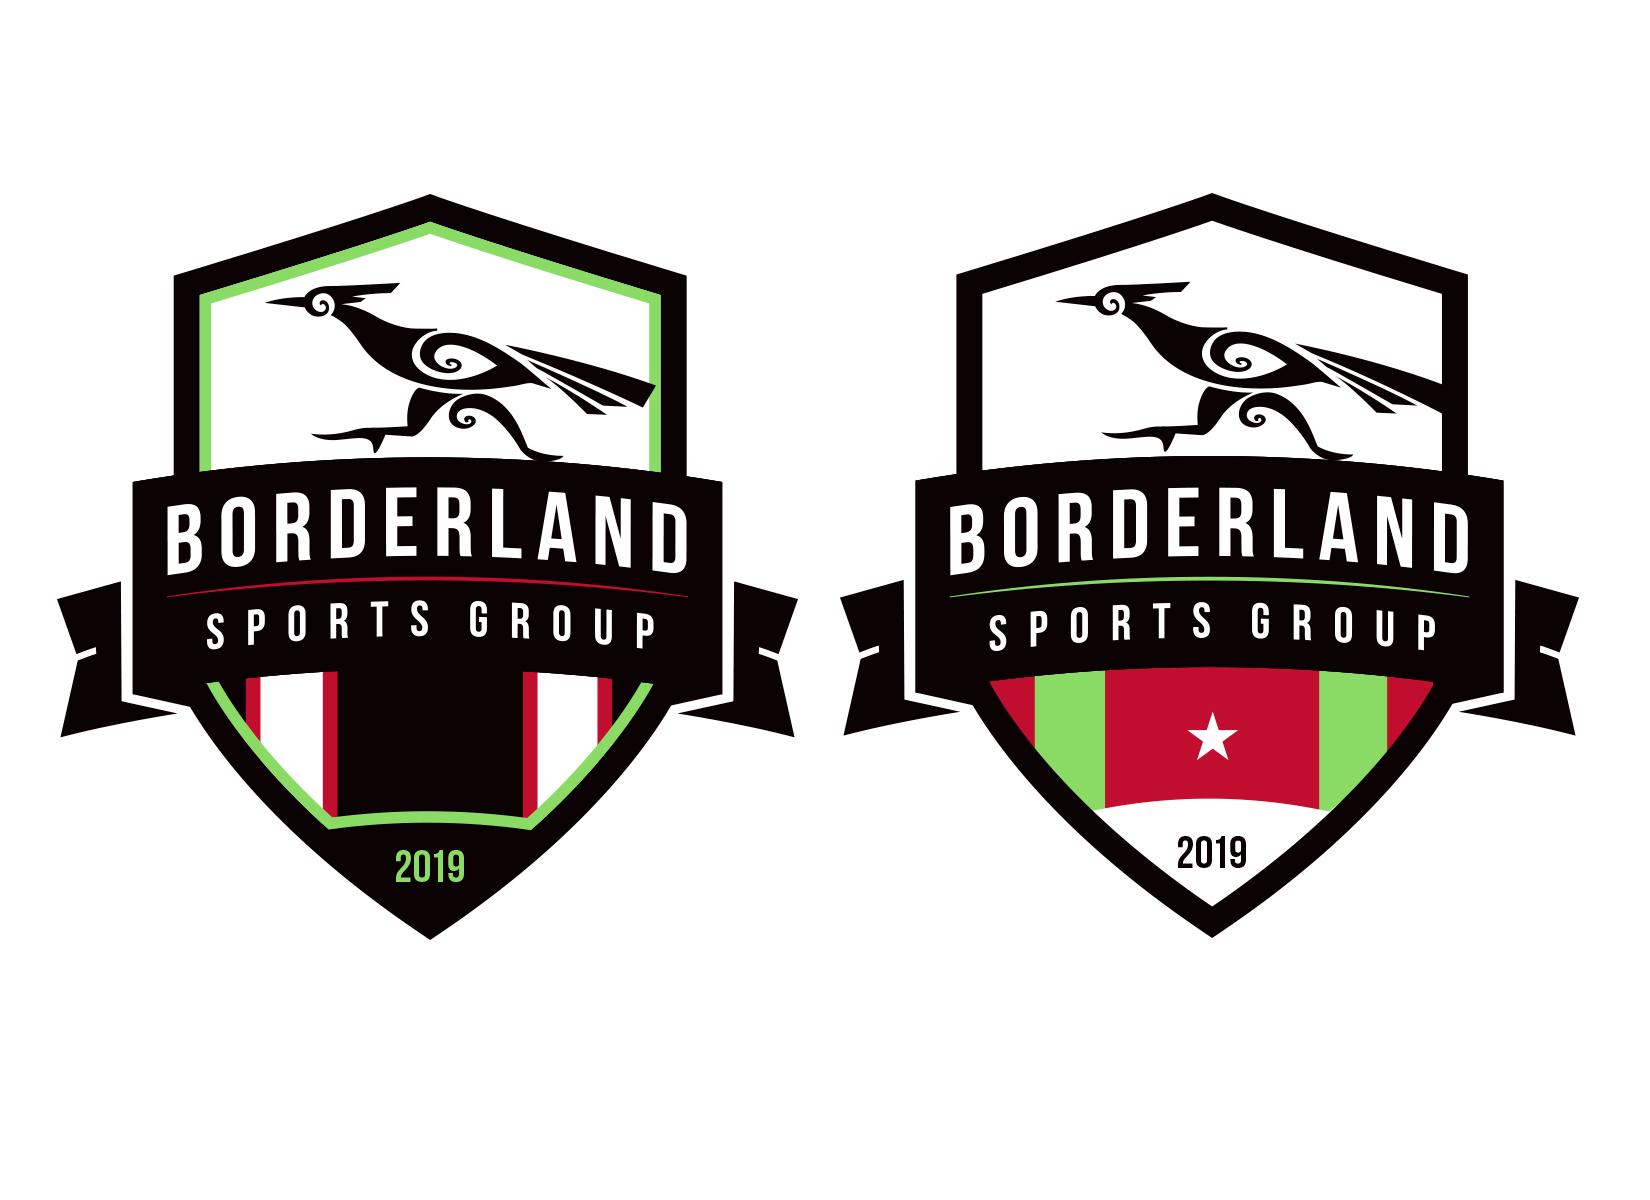 borderland-soccer-crest-designs-by-jordan-fretz.jpg